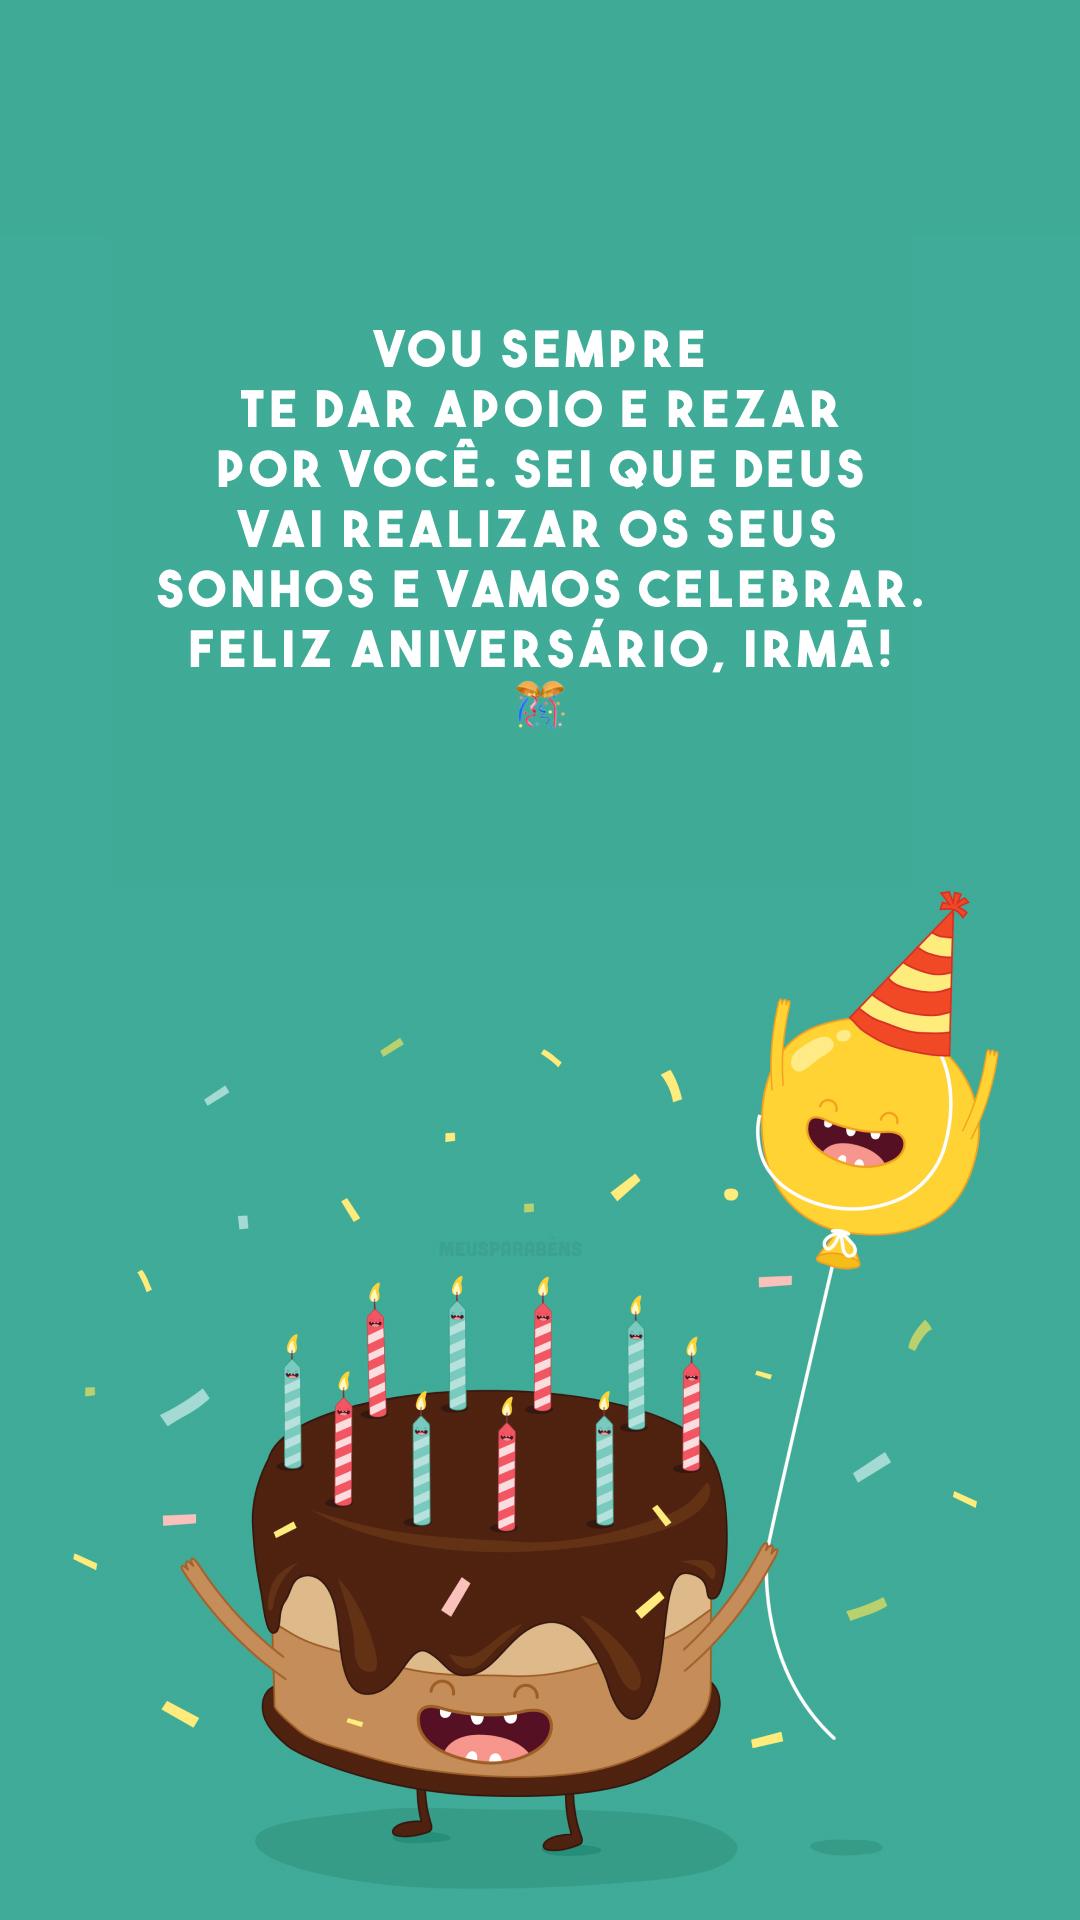 Vou sempre te dar apoio e rezar por você. Sei que Deus vai realizar os seus sonhos e vamos celebrar. Feliz aniversário, irmã! 🎊